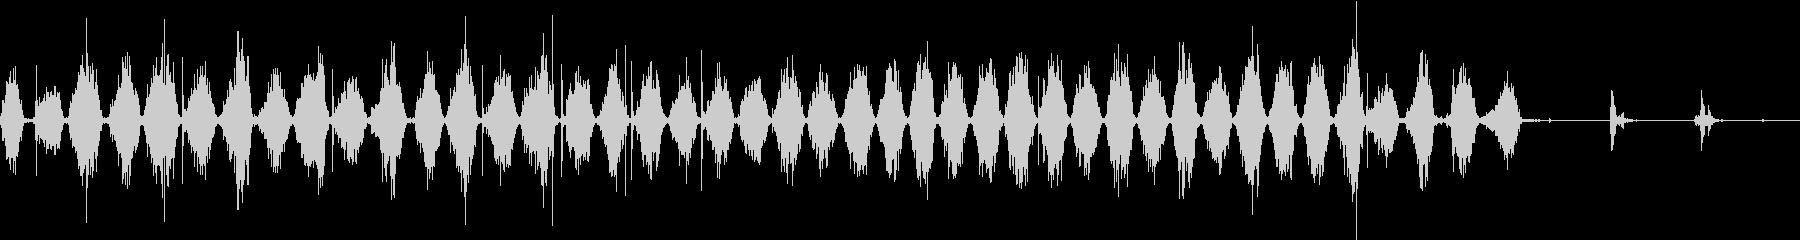 【生録音】ノコギリで物を切る音 3の未再生の波形